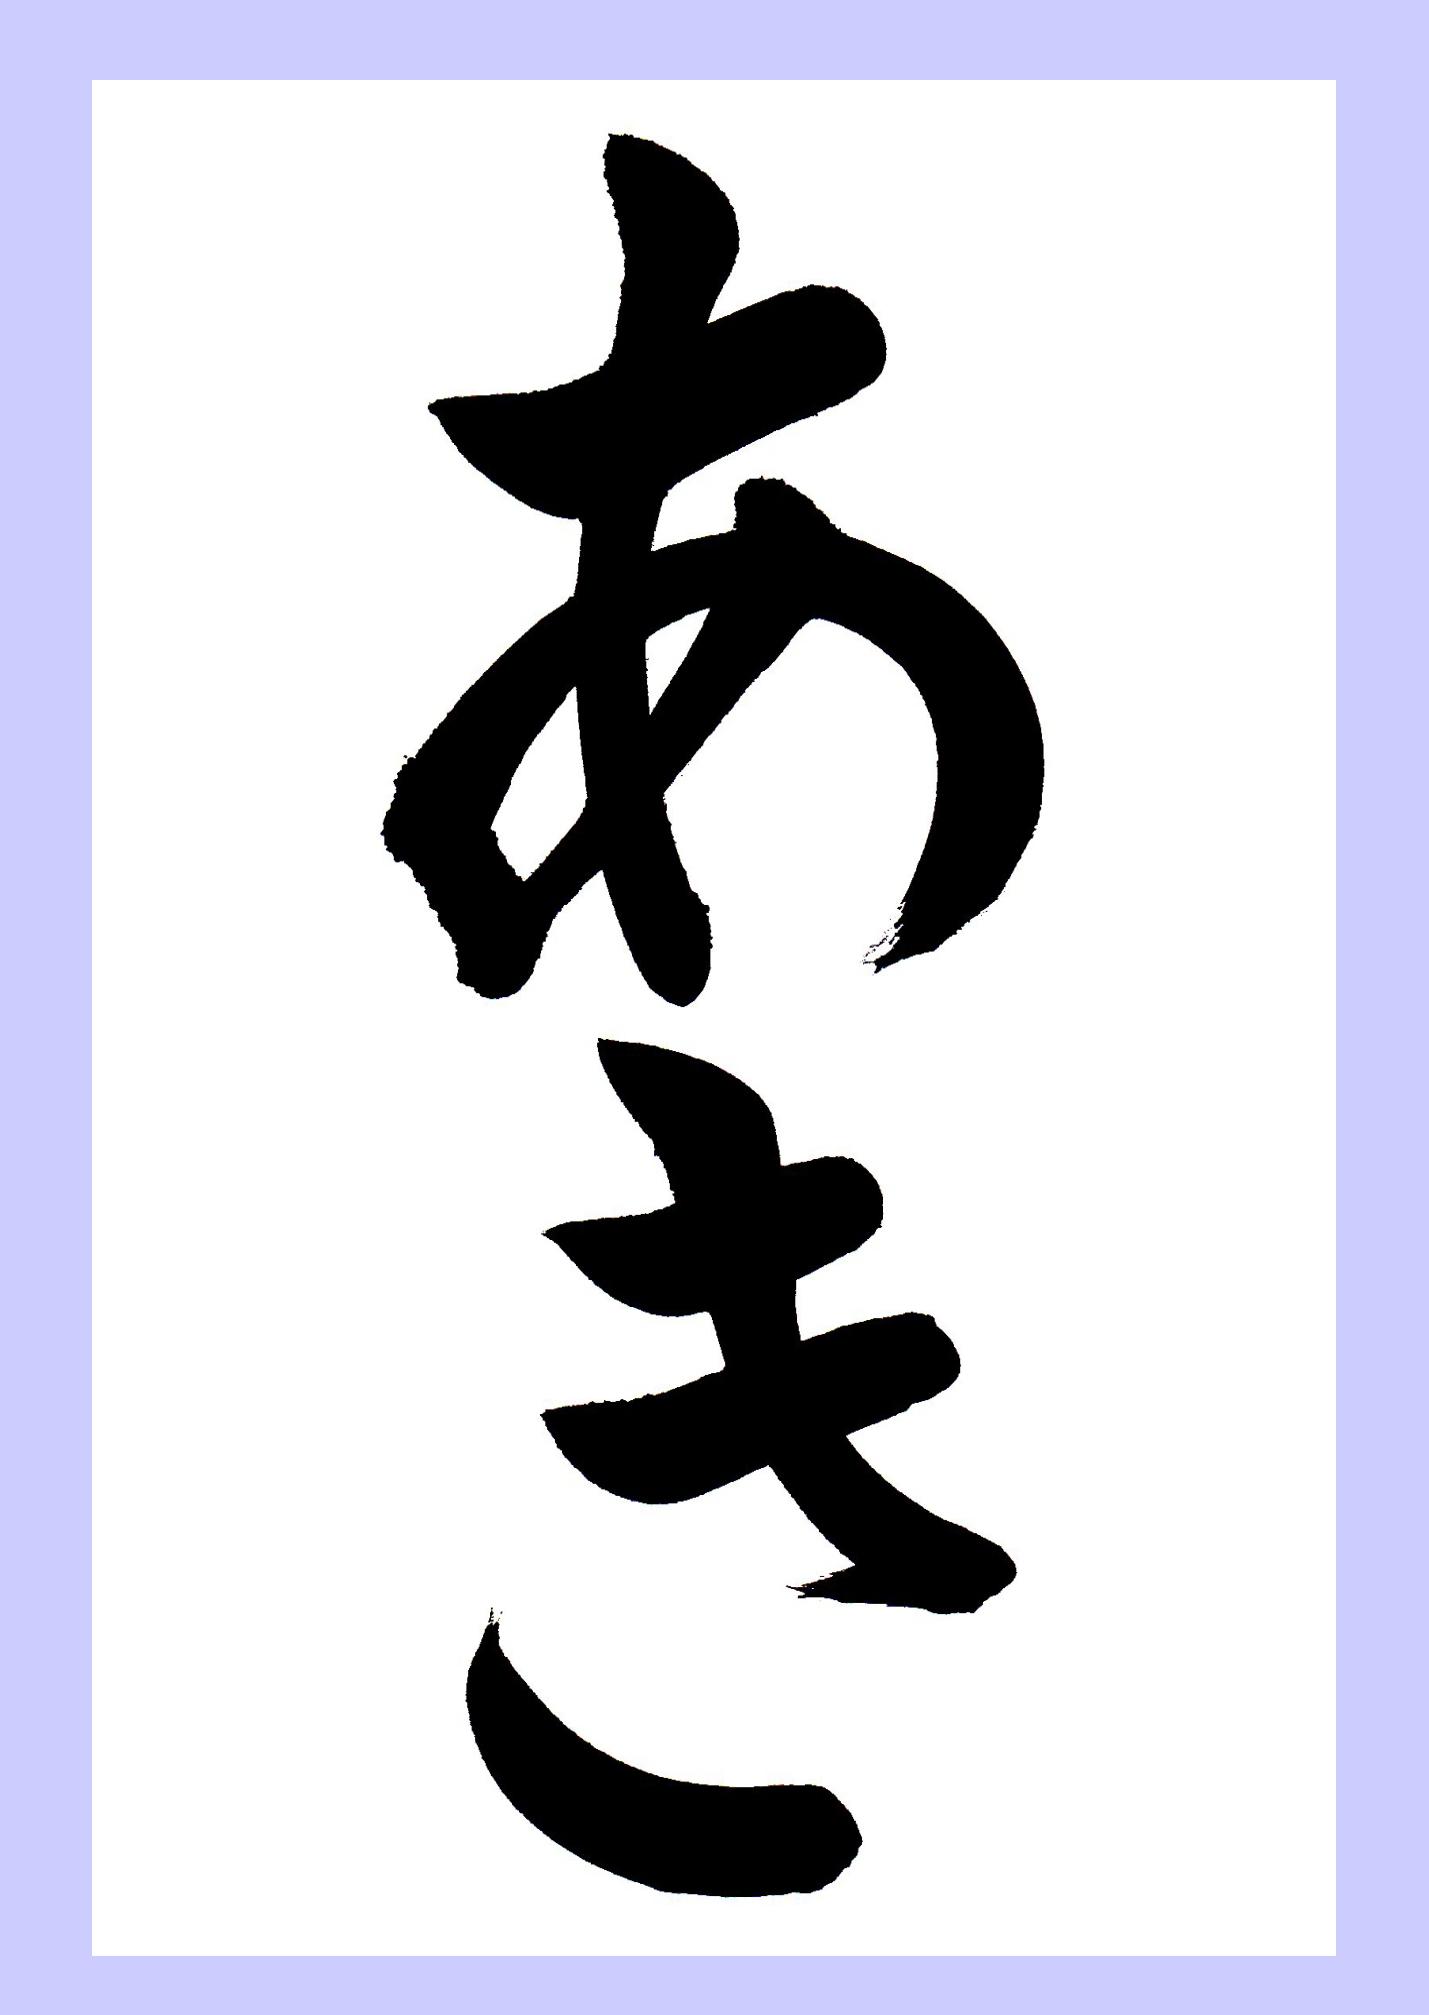 無料 習字 お手本 【硬筆のお手本5選】無料でひらがなや漢字のお手本をダウンロードしよう!